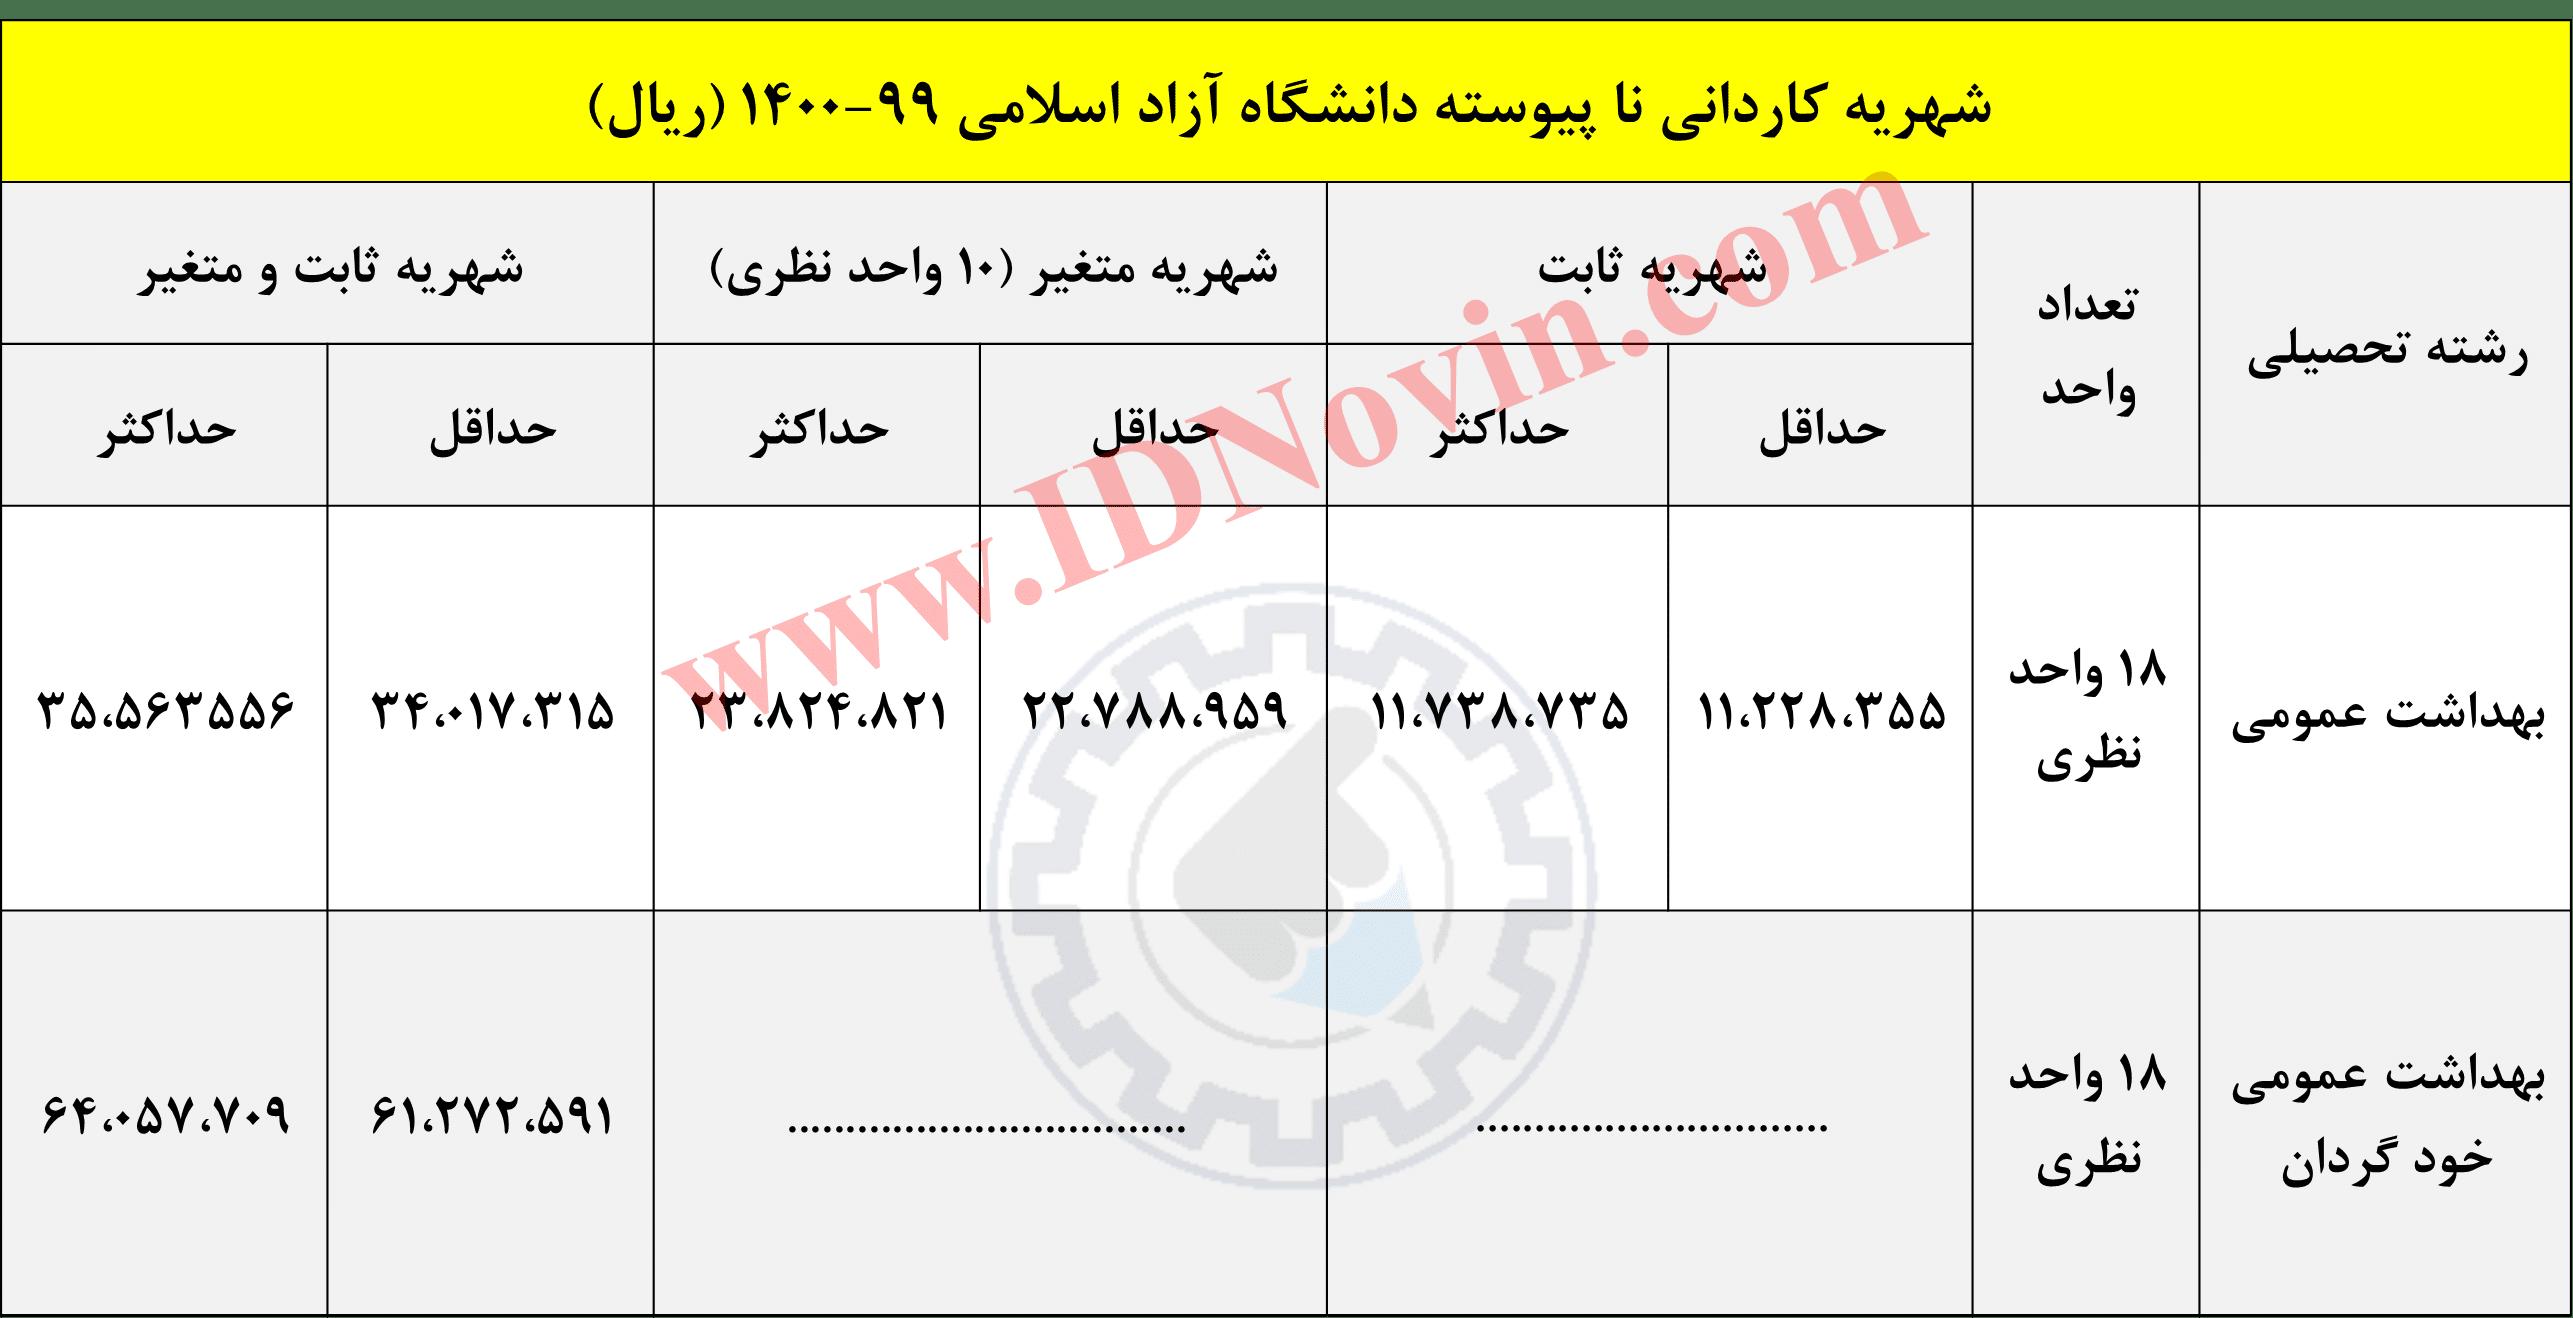 شهریه کاردانی نا پیوسته دانشگاه آزاد اسلامی 99-1400 (ریال)